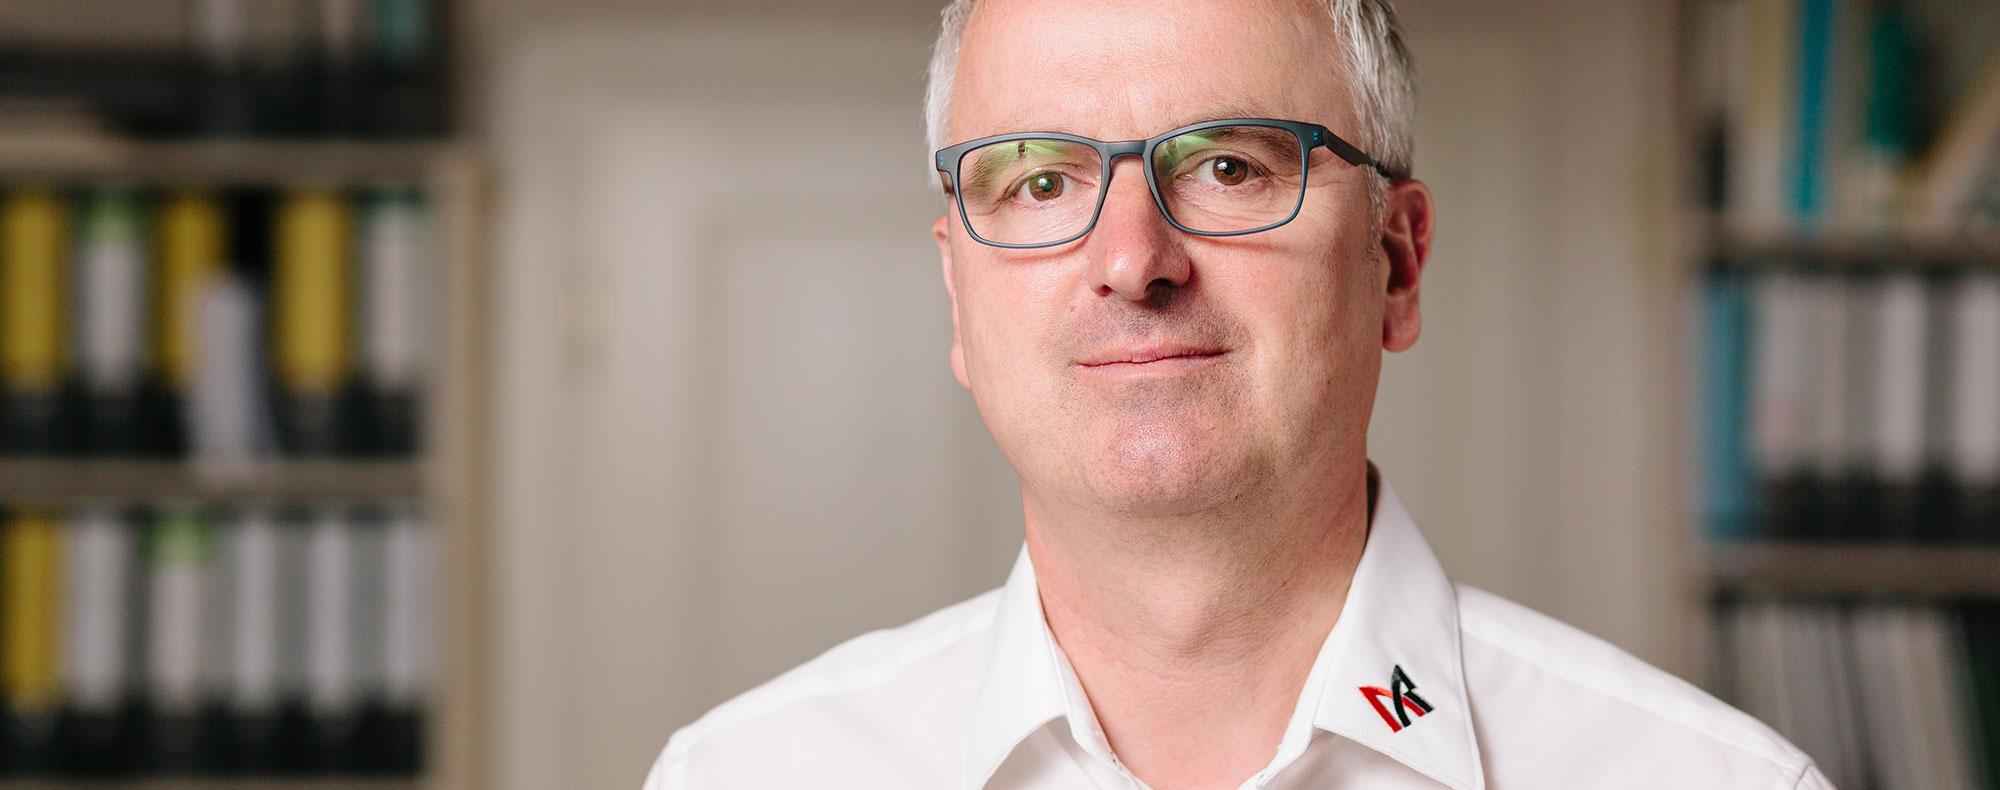 Stefan Kaspari - Ingenieurbüro Reihsner Wittlich